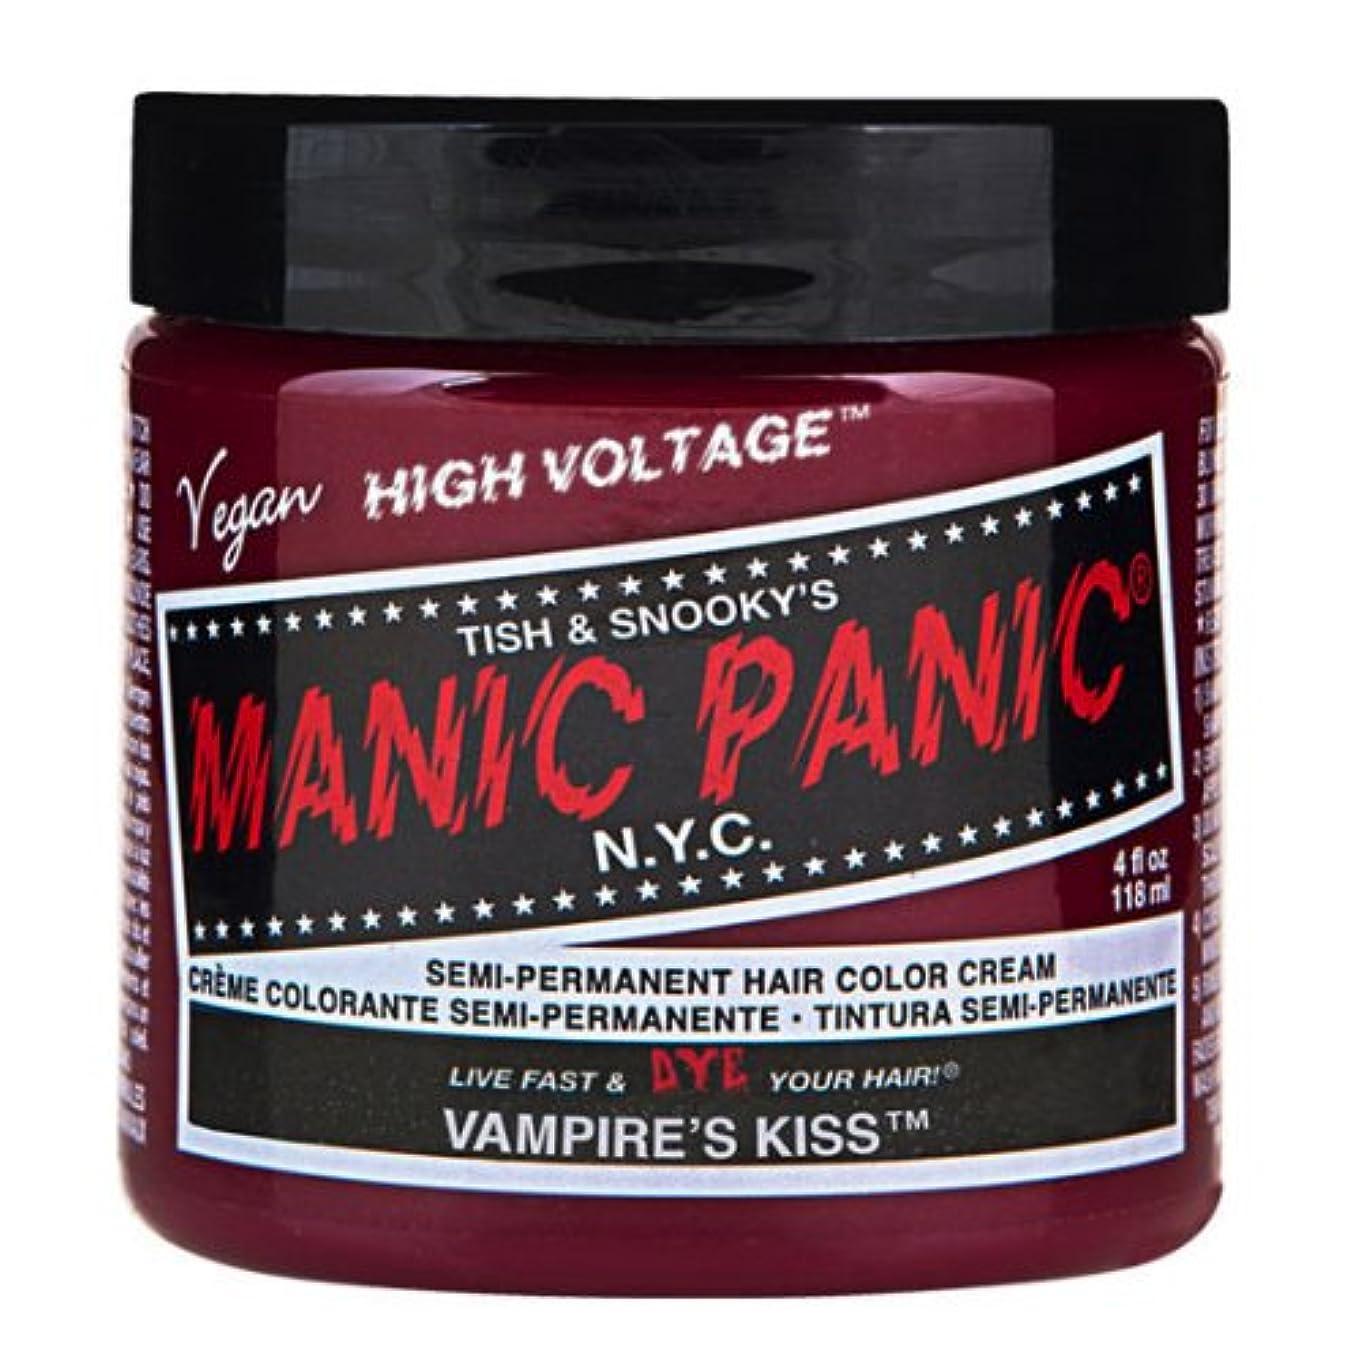 胃通貨知り合いマニックパニック カラークリーム ヴァンパイアキッス